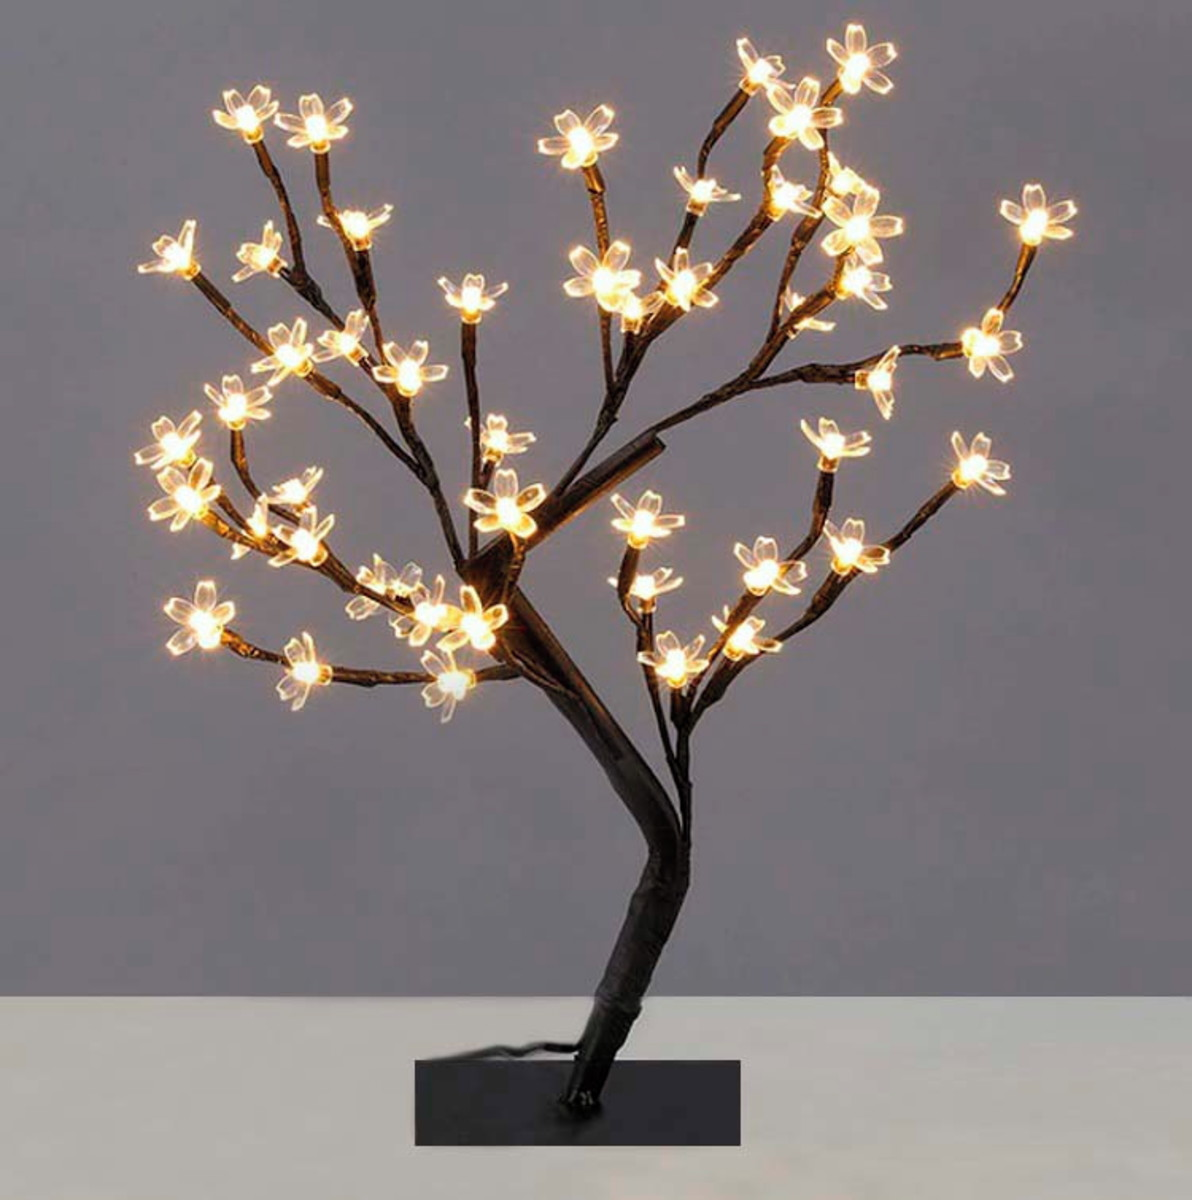 Árvore cerejeira de flores decorativa. no Elo7 | Idée Créative (DF28A7)